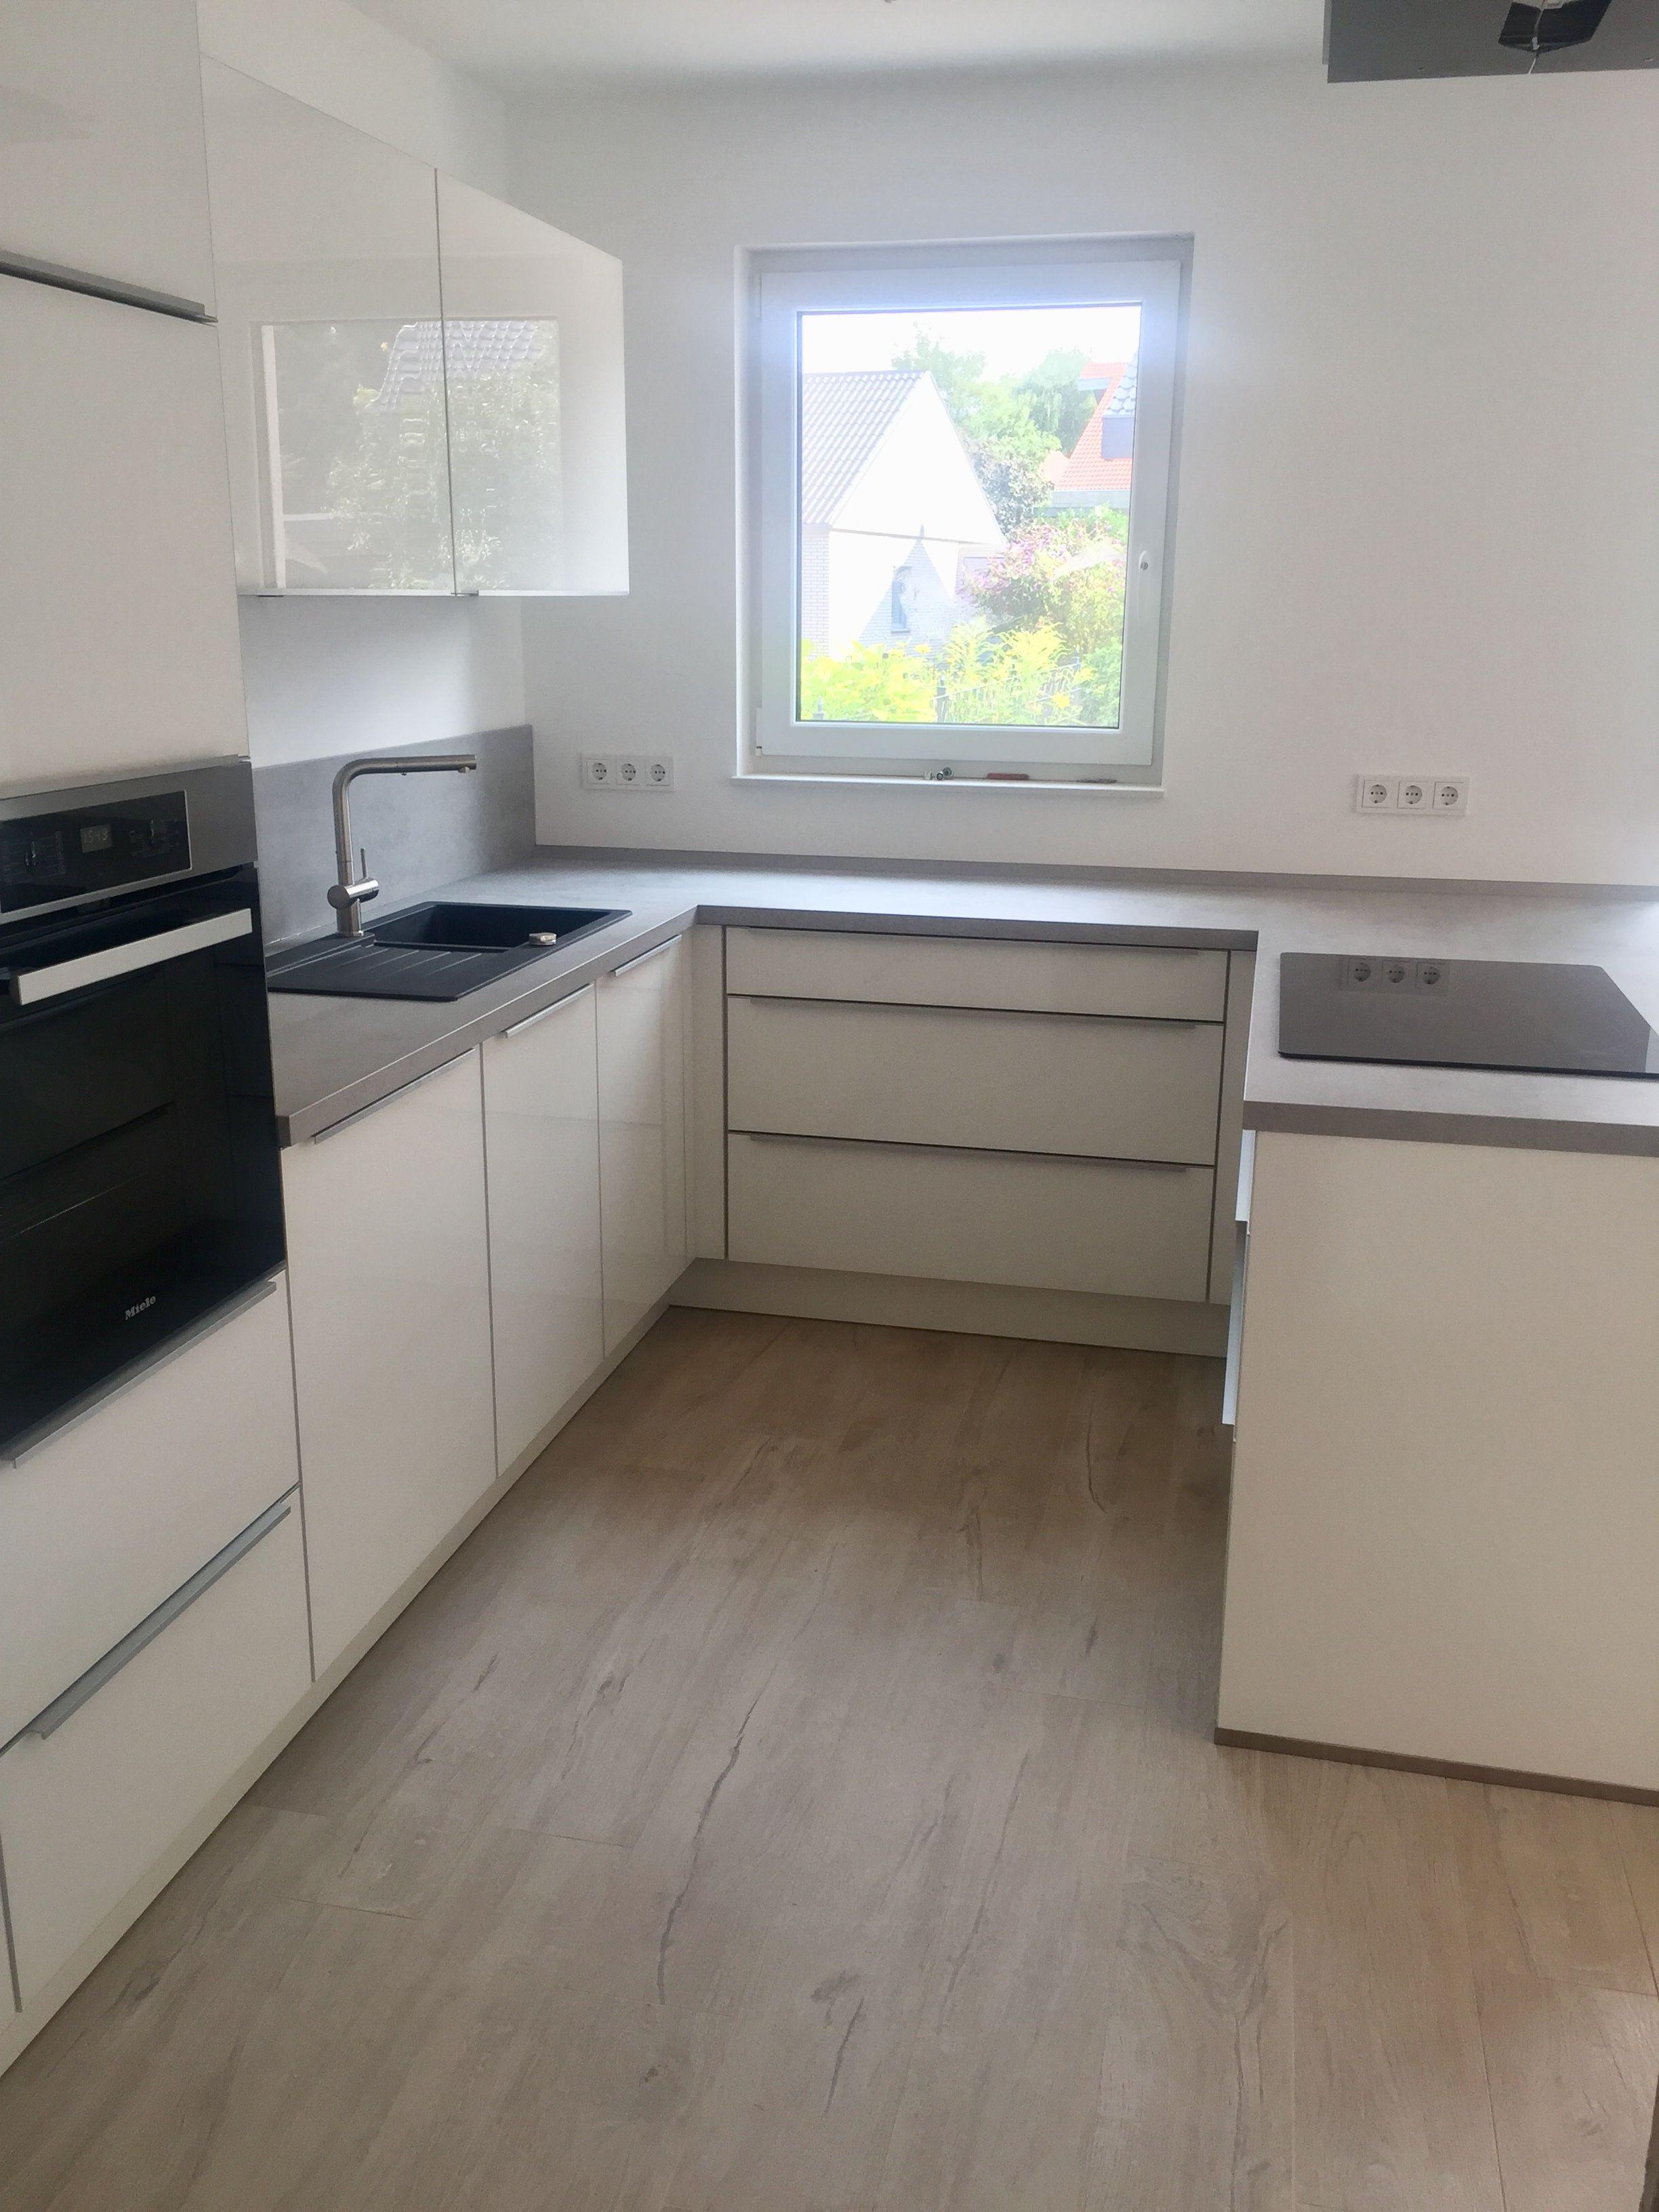 Küchendesign 2018 küche  weiß glas  nobilia  hochglanz  arbeitsplatte betonoptik